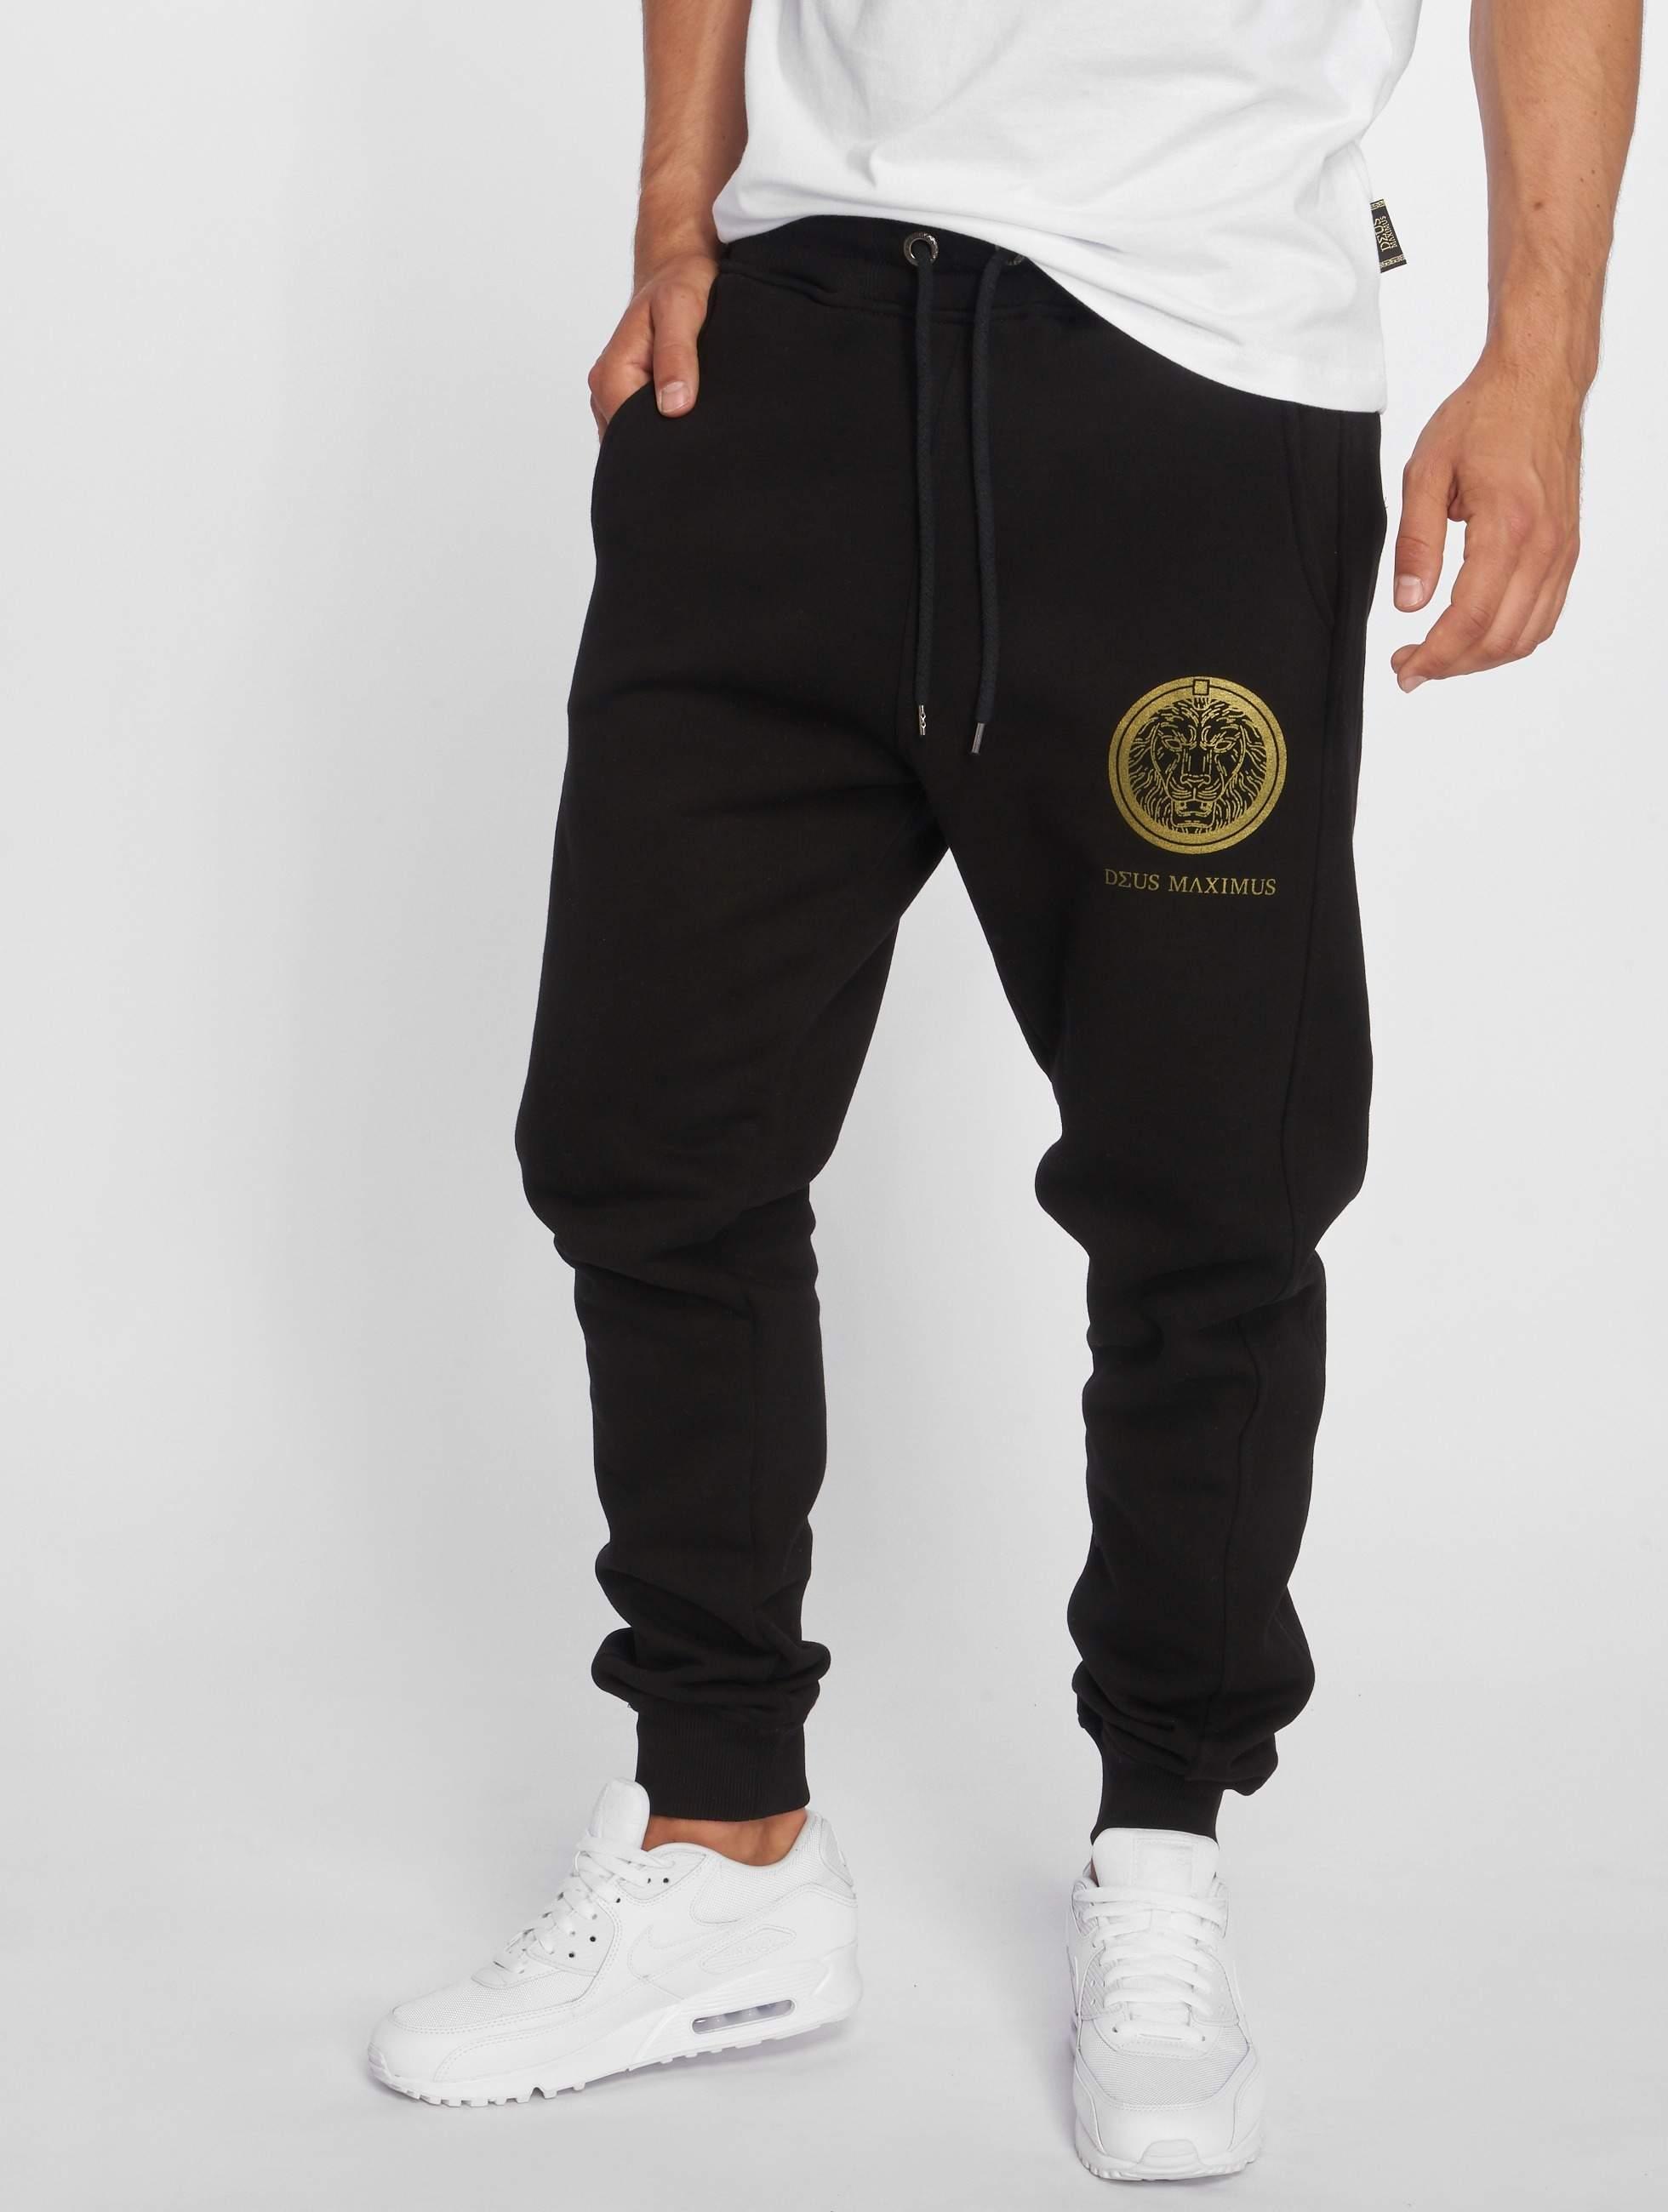 Deus Maximus / Sweat Pant NEMEAEUS in black 3XL